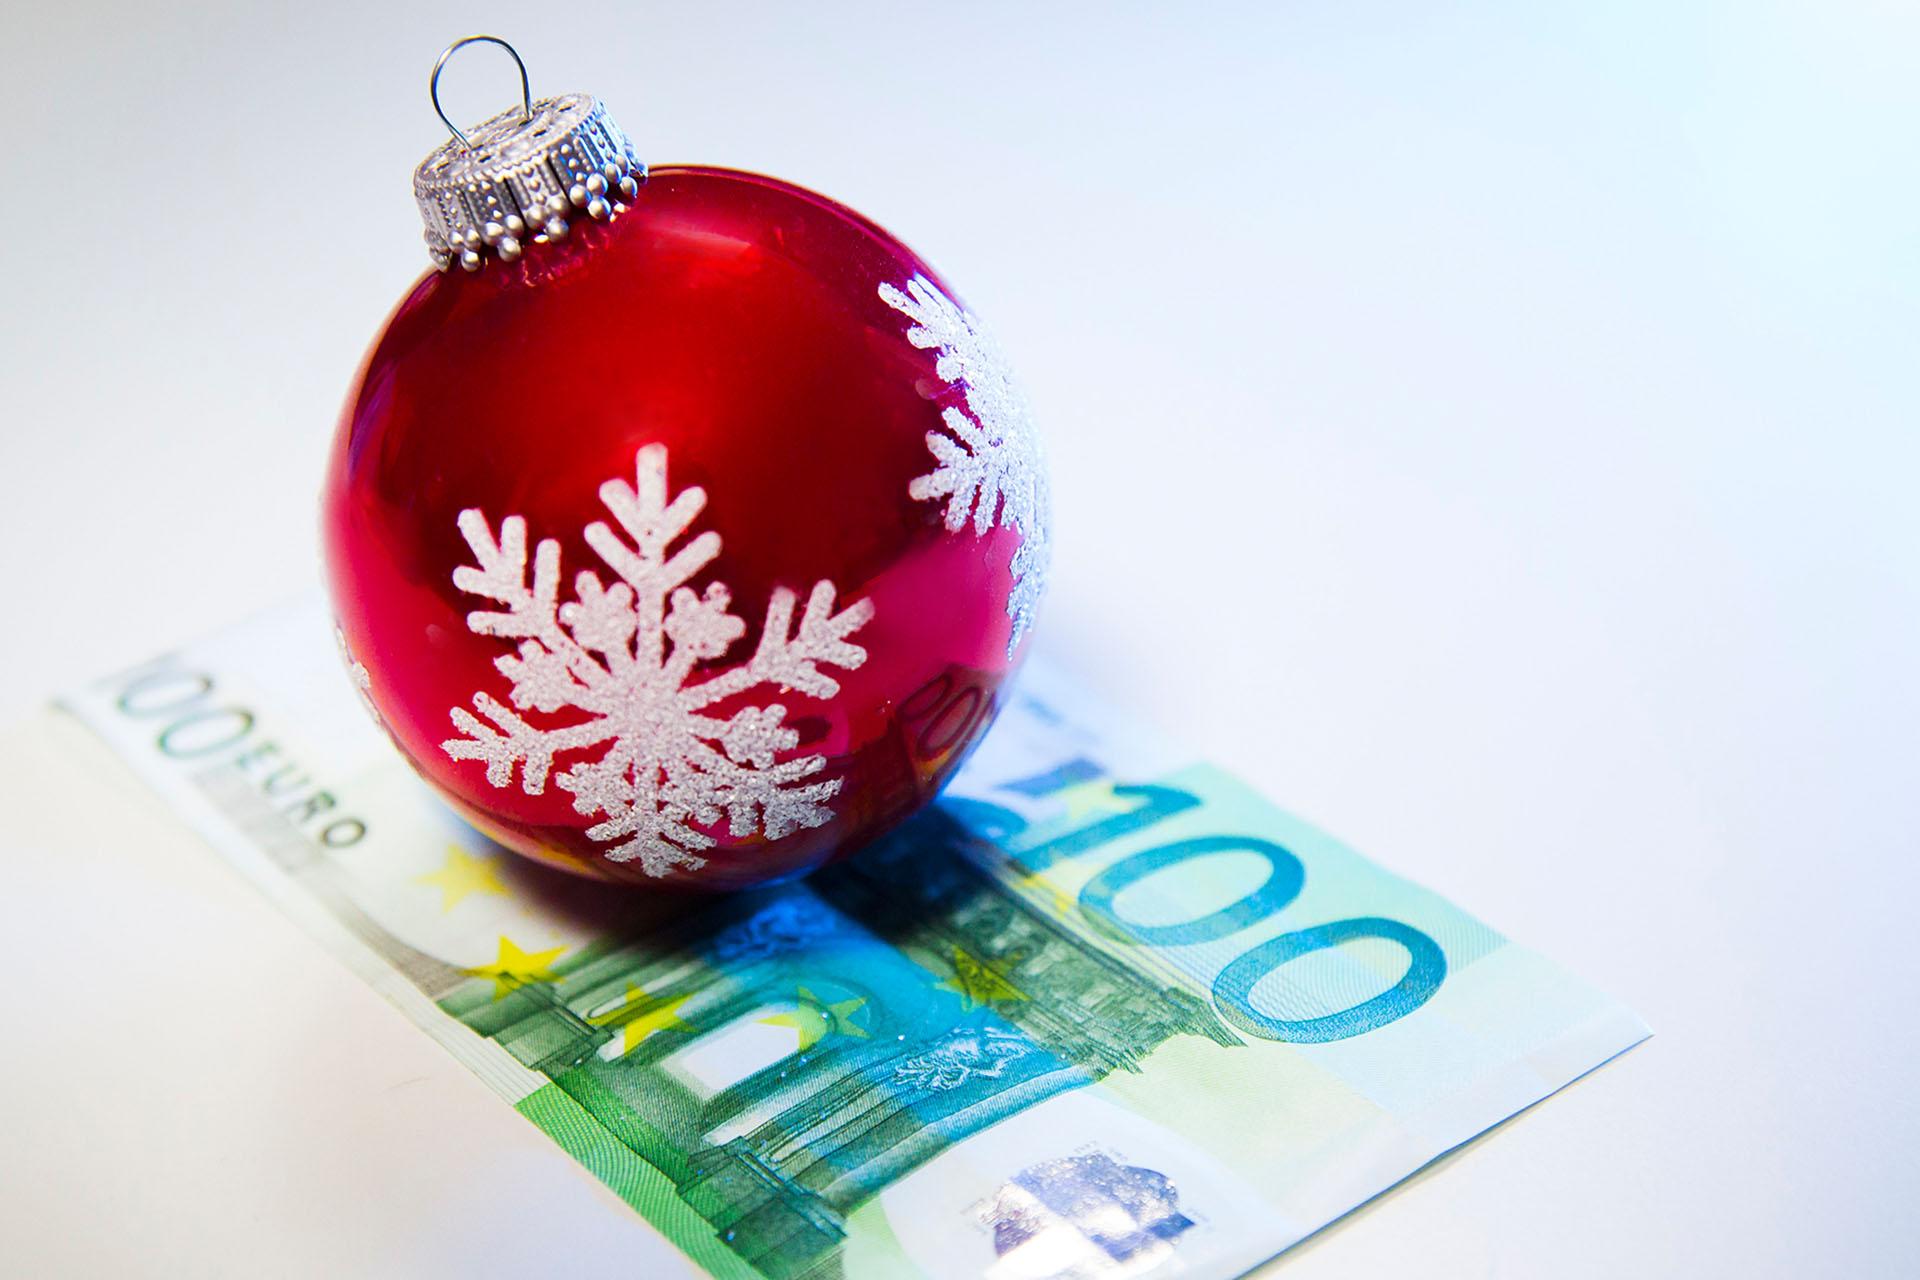 Bescherung zum Jahresende: Auch Mini-Jobber haben Anspruch auf ein Weihnachtsgeld, wenn der Chef den anderen Mitarbeitern im Betrieb ein solches zahlt. Darauf weist die Gewerkschaft NGG hin.